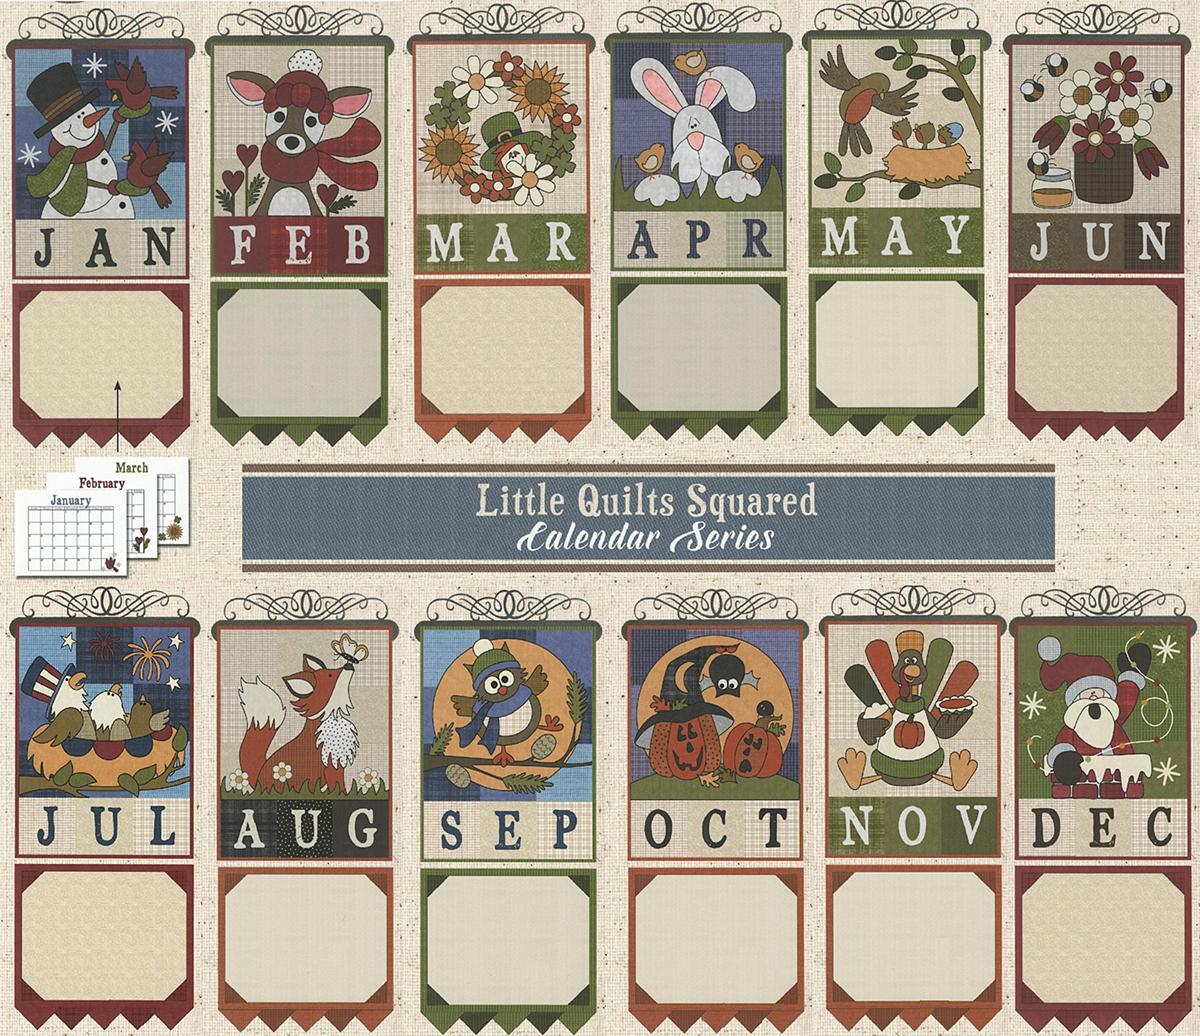 Little Quilts Squared -Hanging Calendar Series : calendar quilts - Adamdwight.com